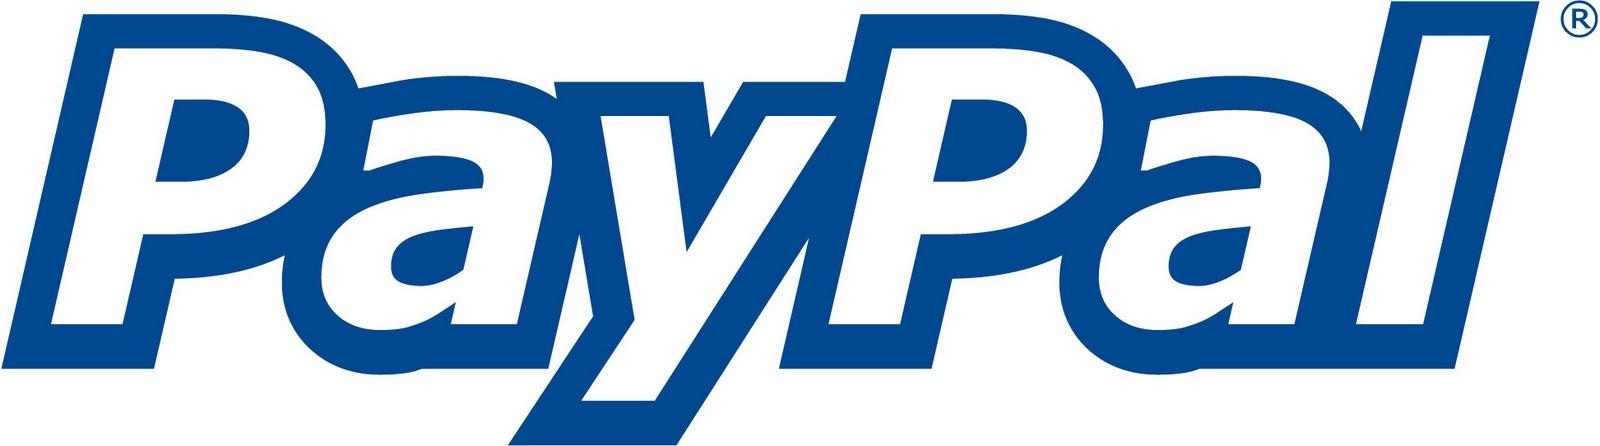 History of All Logos: All Paypal Logos